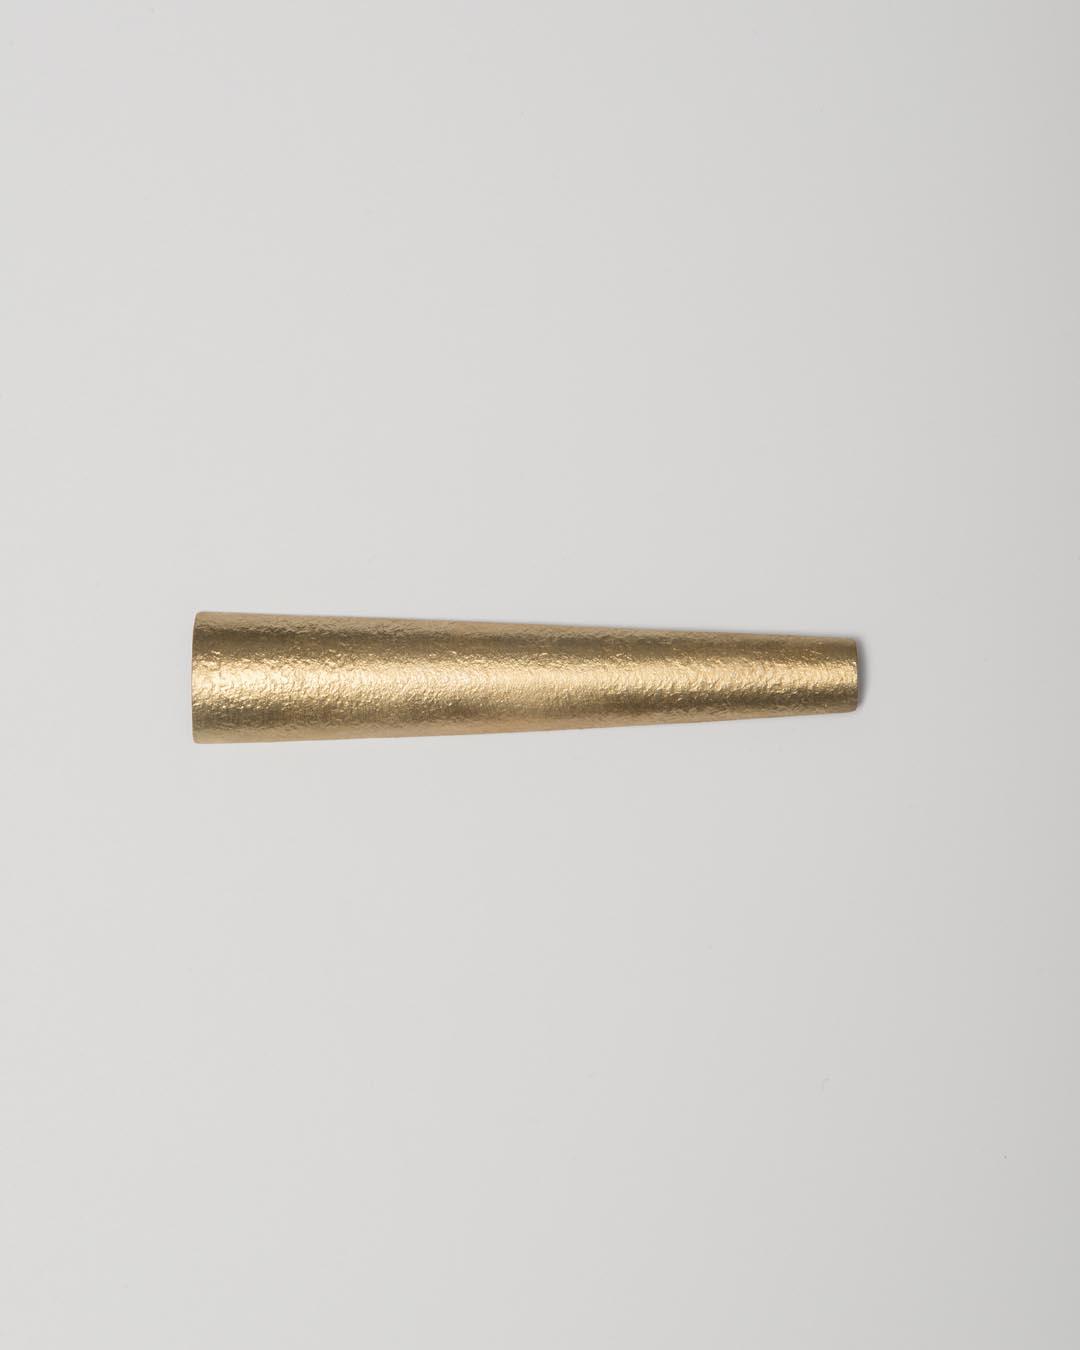 Yasuki Hiramatsu, untitled, brooch; gold-plated silver, €875